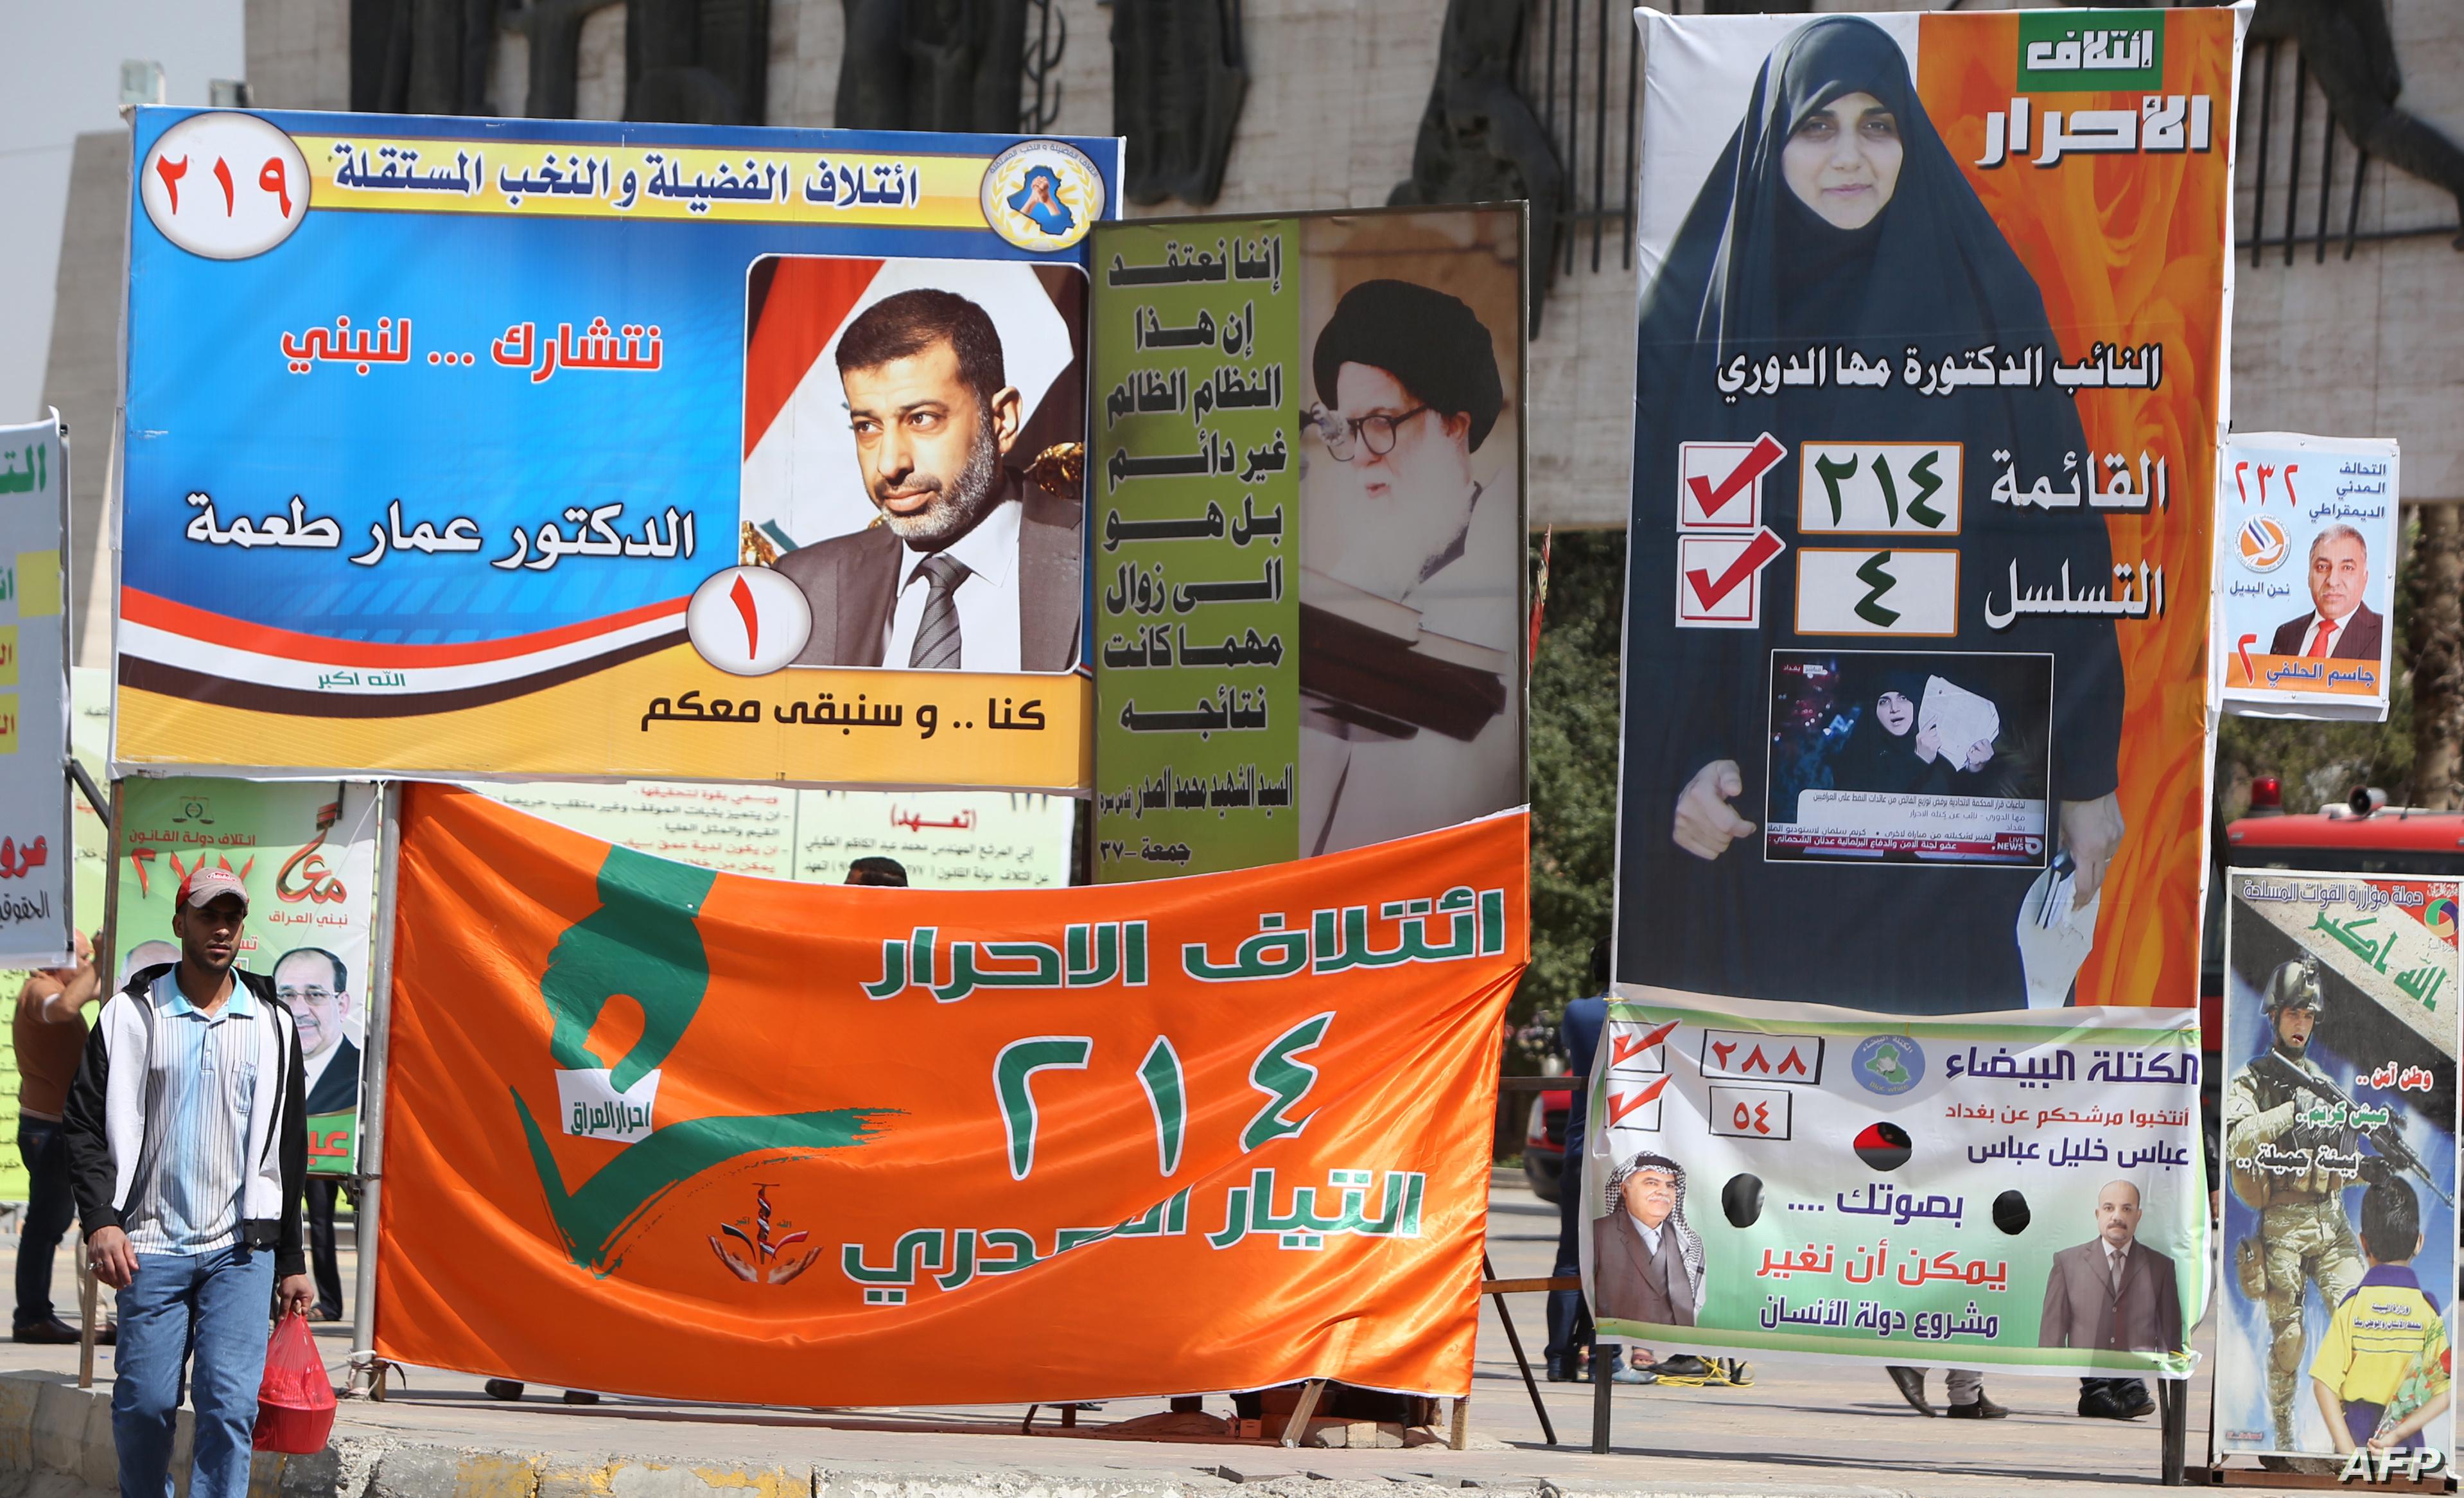 طرائف الانتخابات العراقية.. دجاج بطعم السياسة ومرشحات بصور أزواجهن | Radiosawa